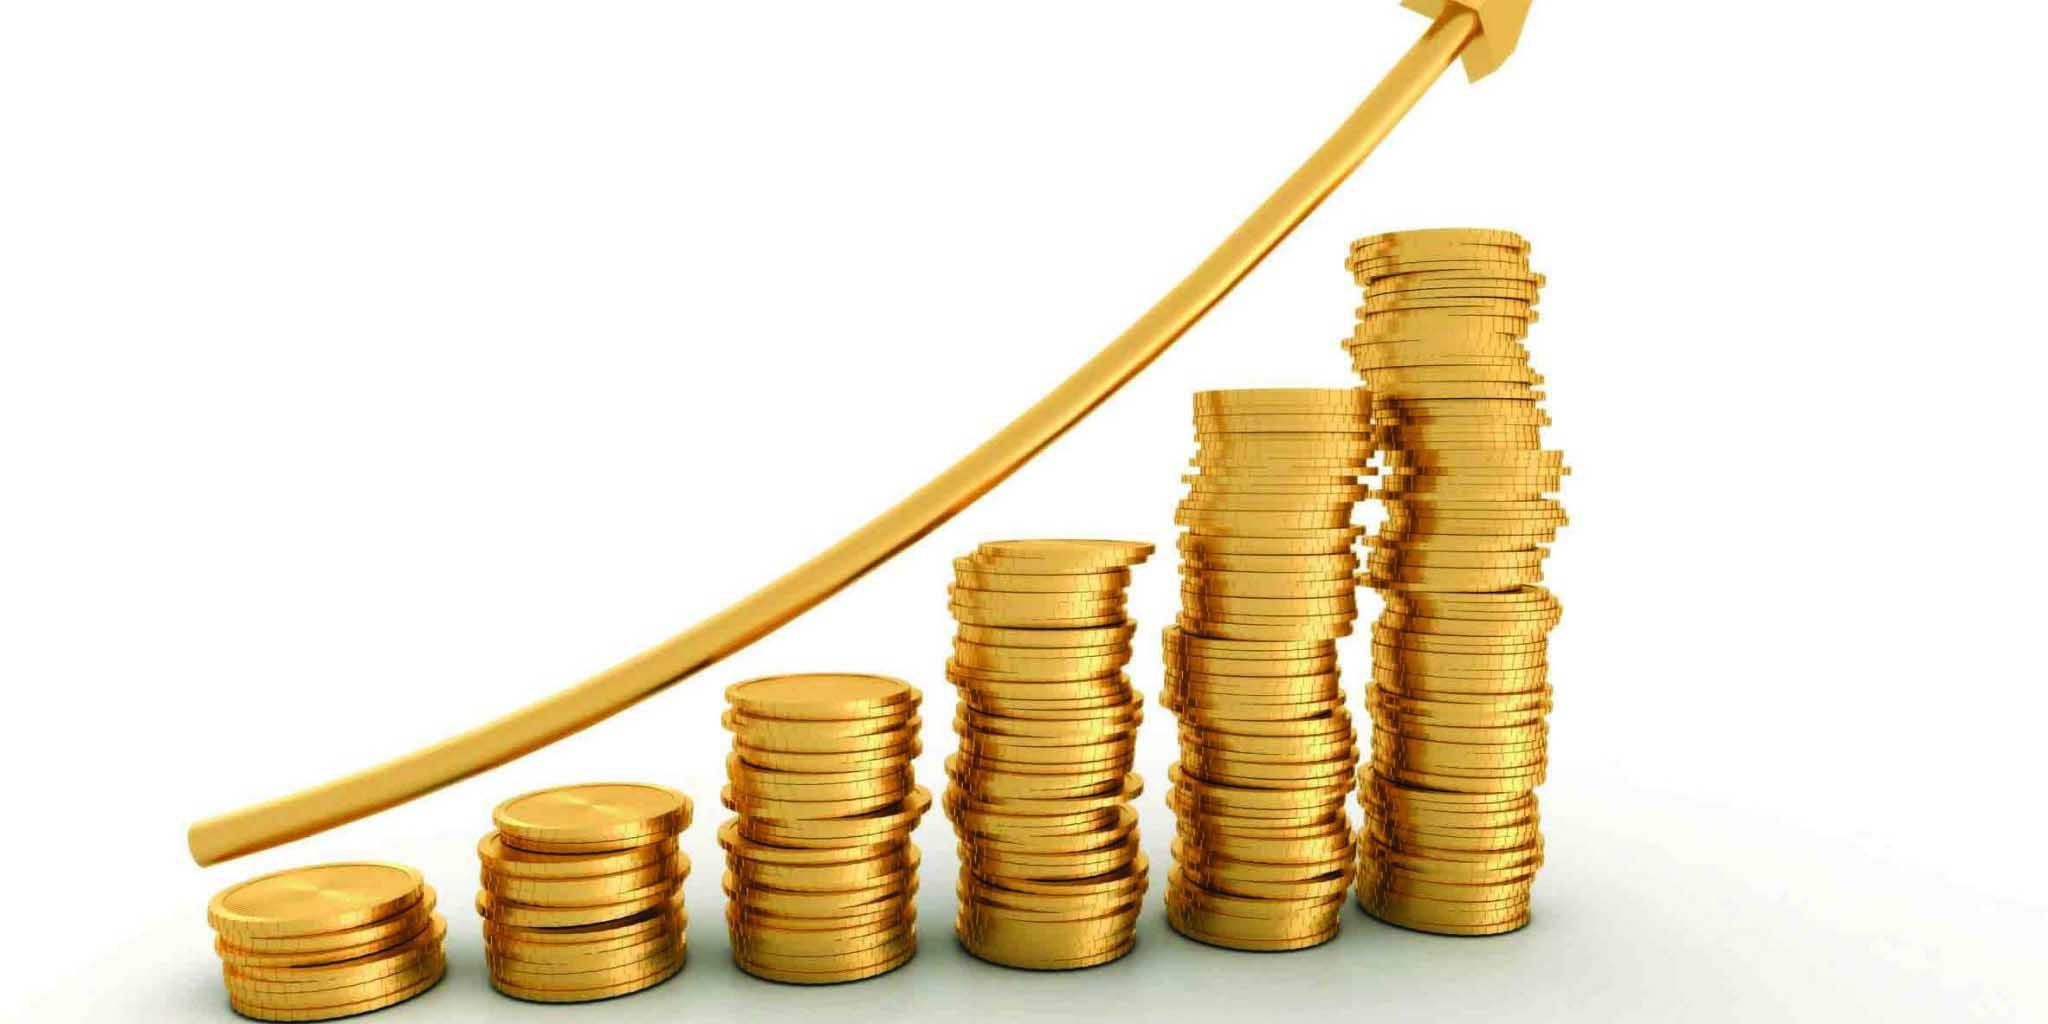 انعقاد ۱۵۶ هزار قرارداد آتی سکه در هفته چهارم آبان